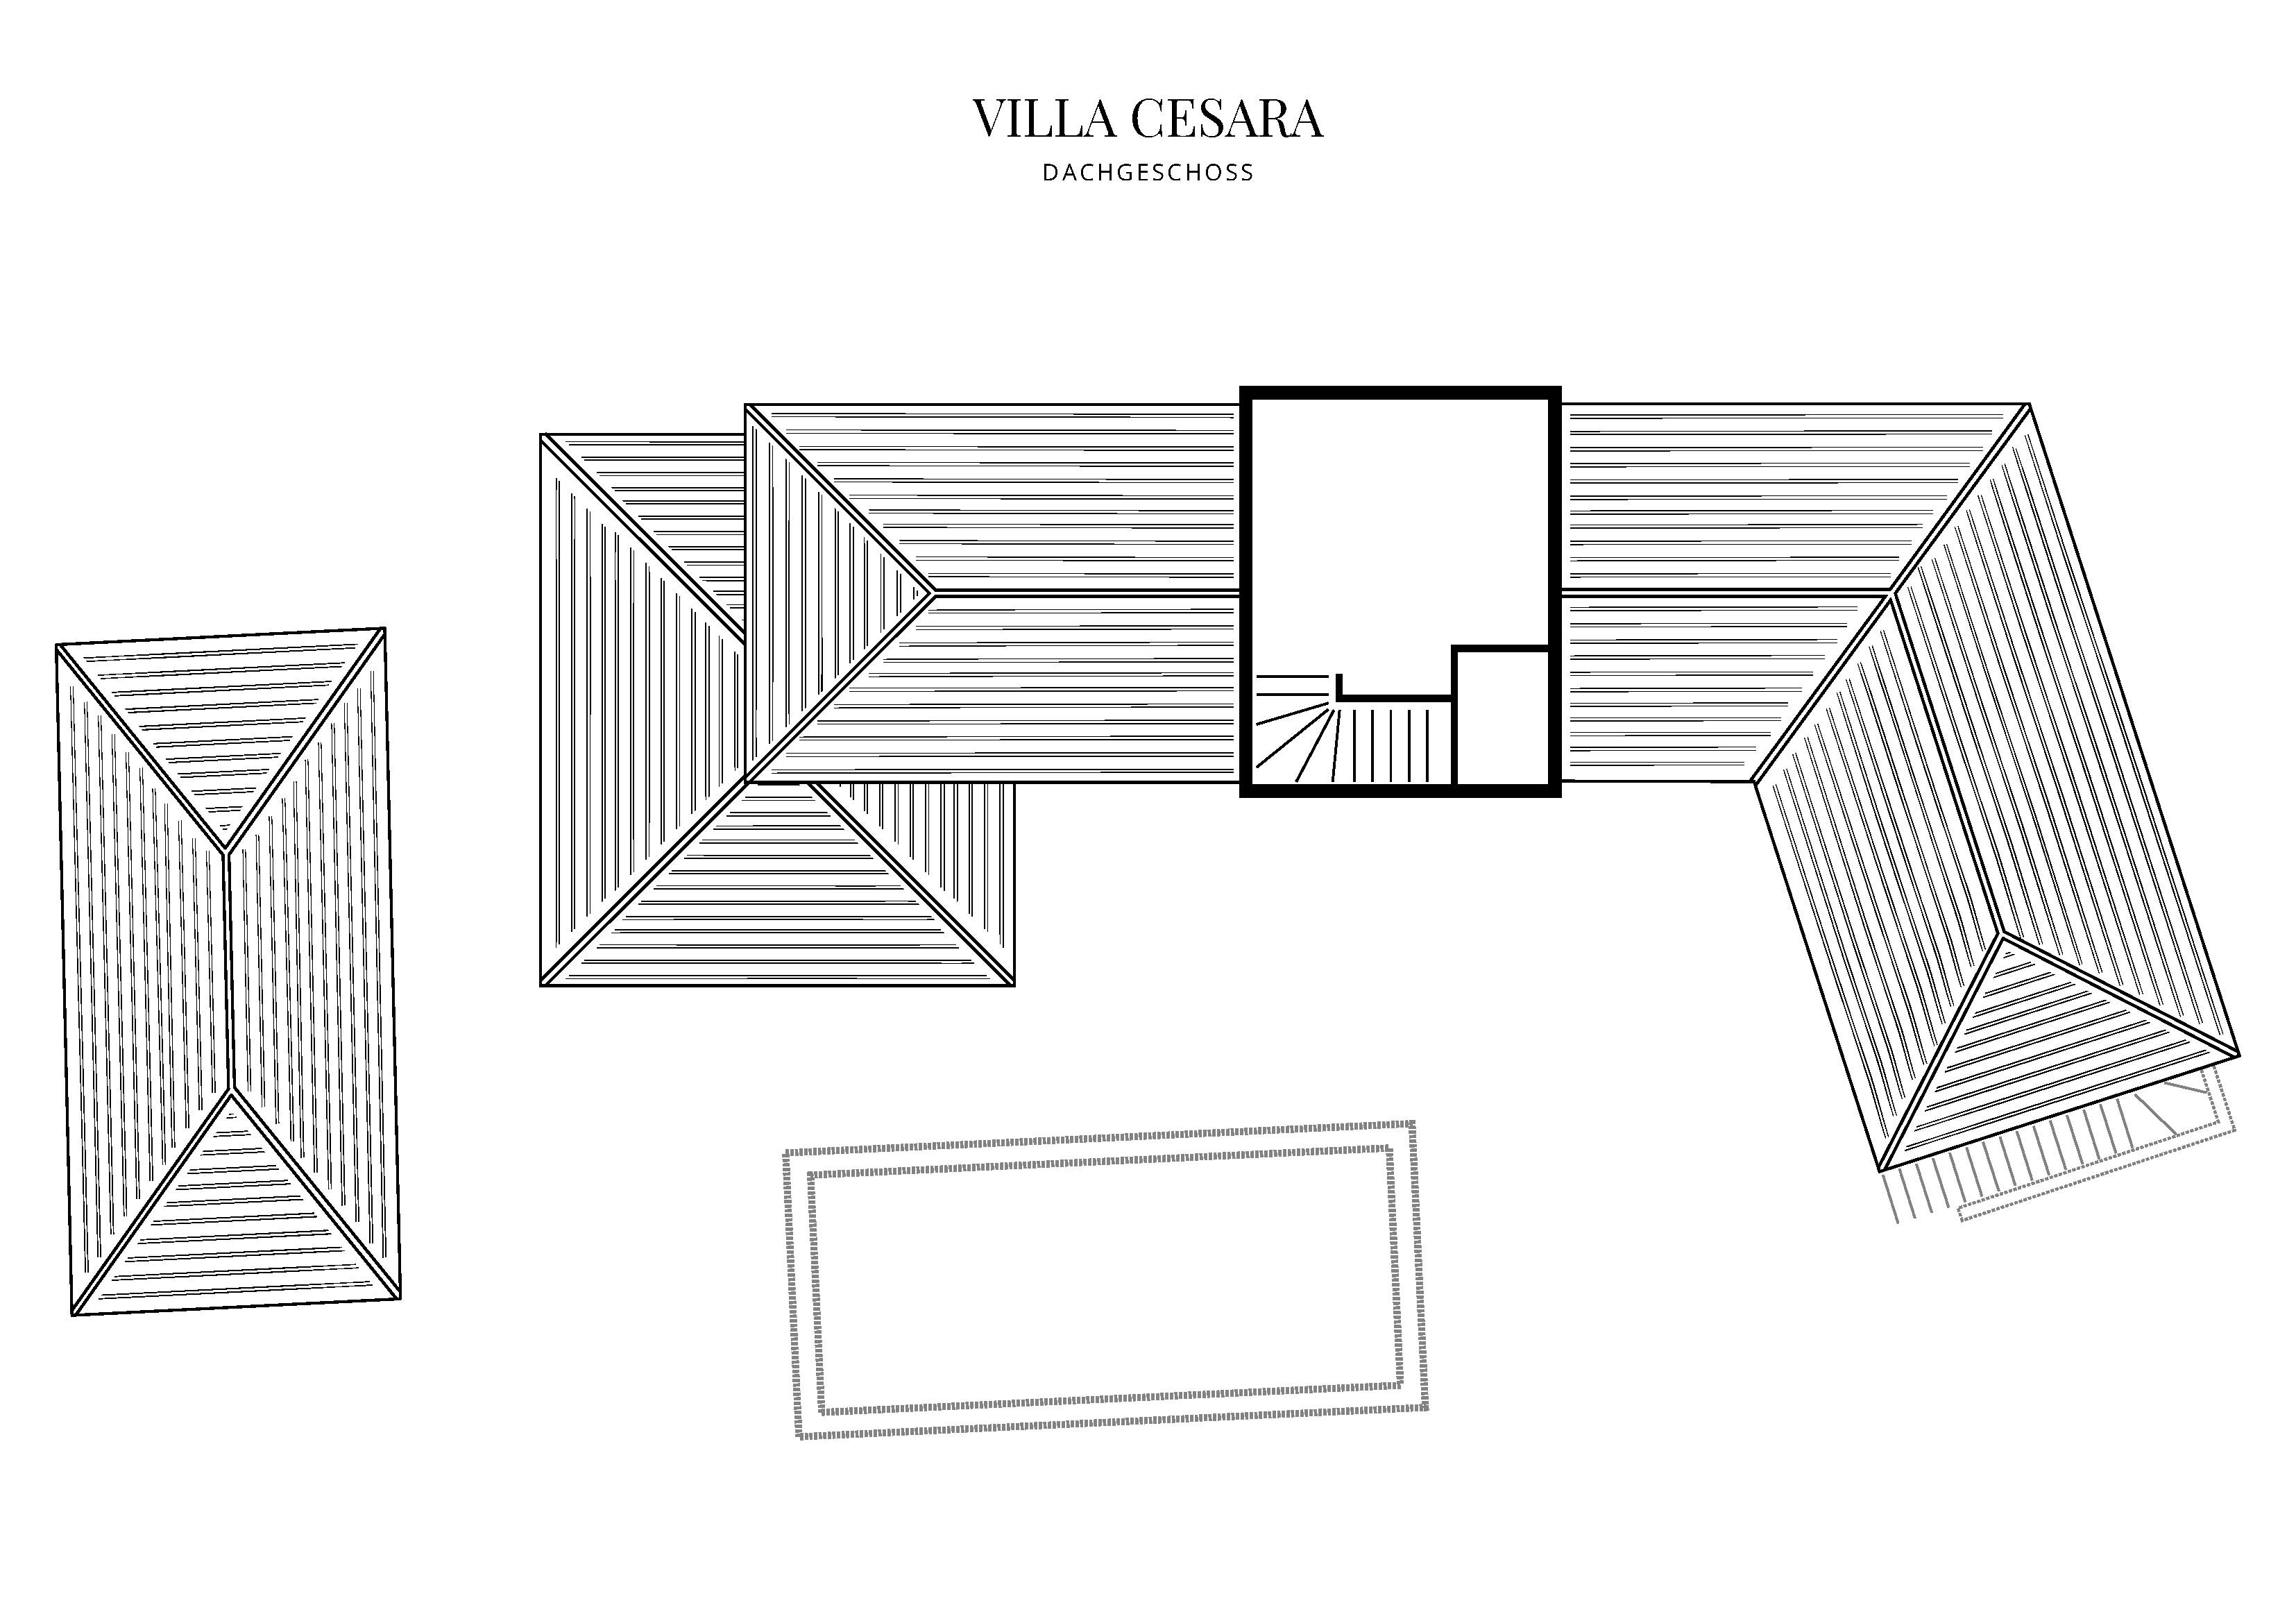 Grafik Grundriss Dachgeschoss Villa Cesara